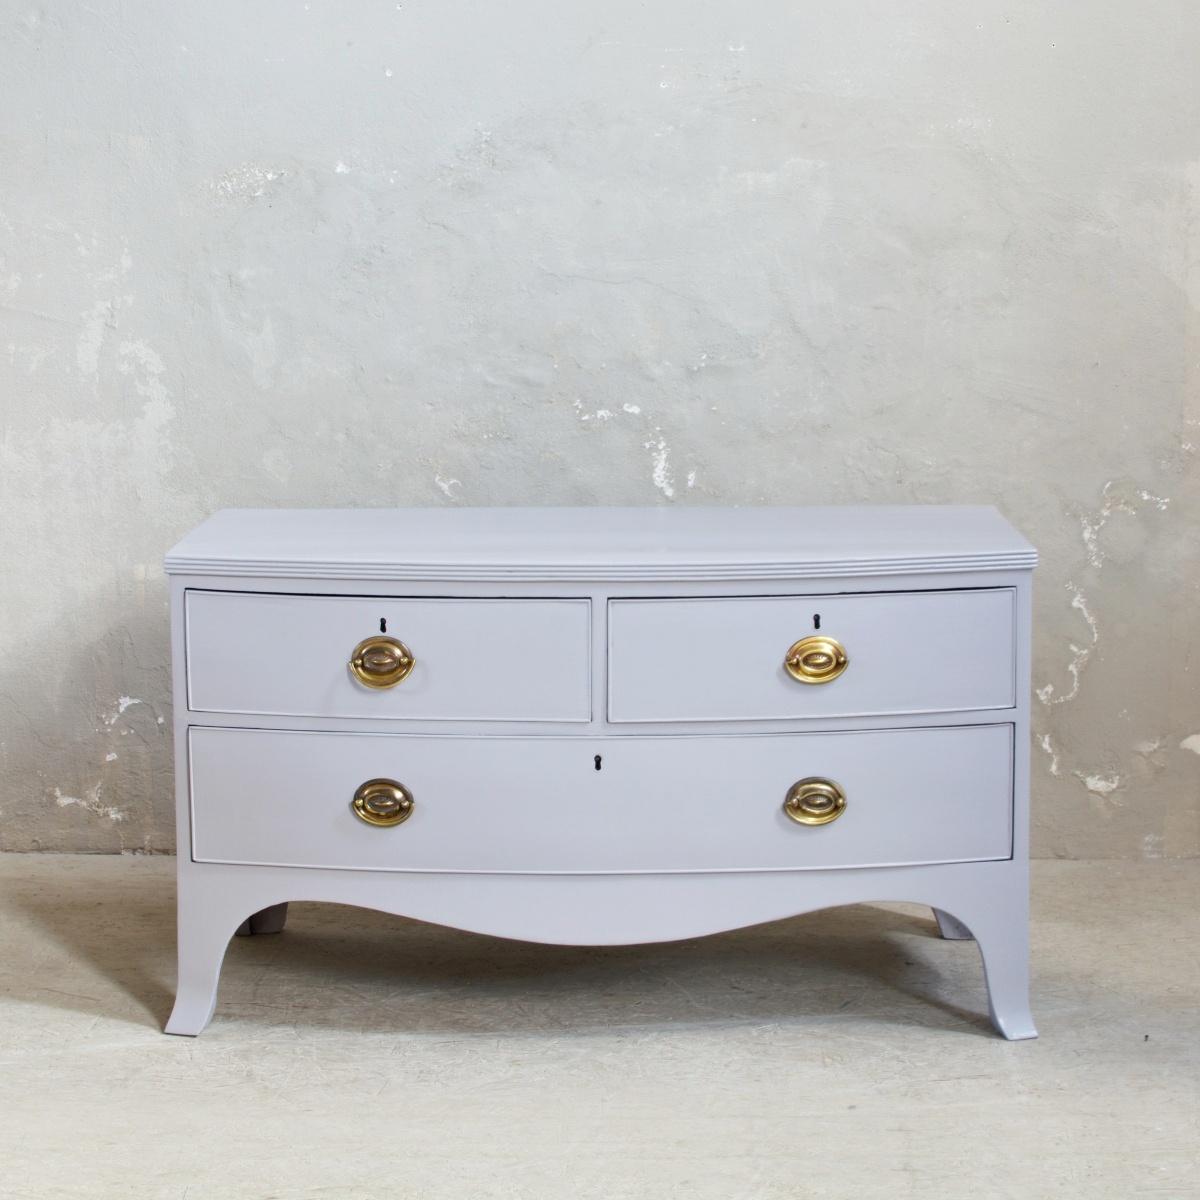 Prodej Anglického nábytku Vintage komoda